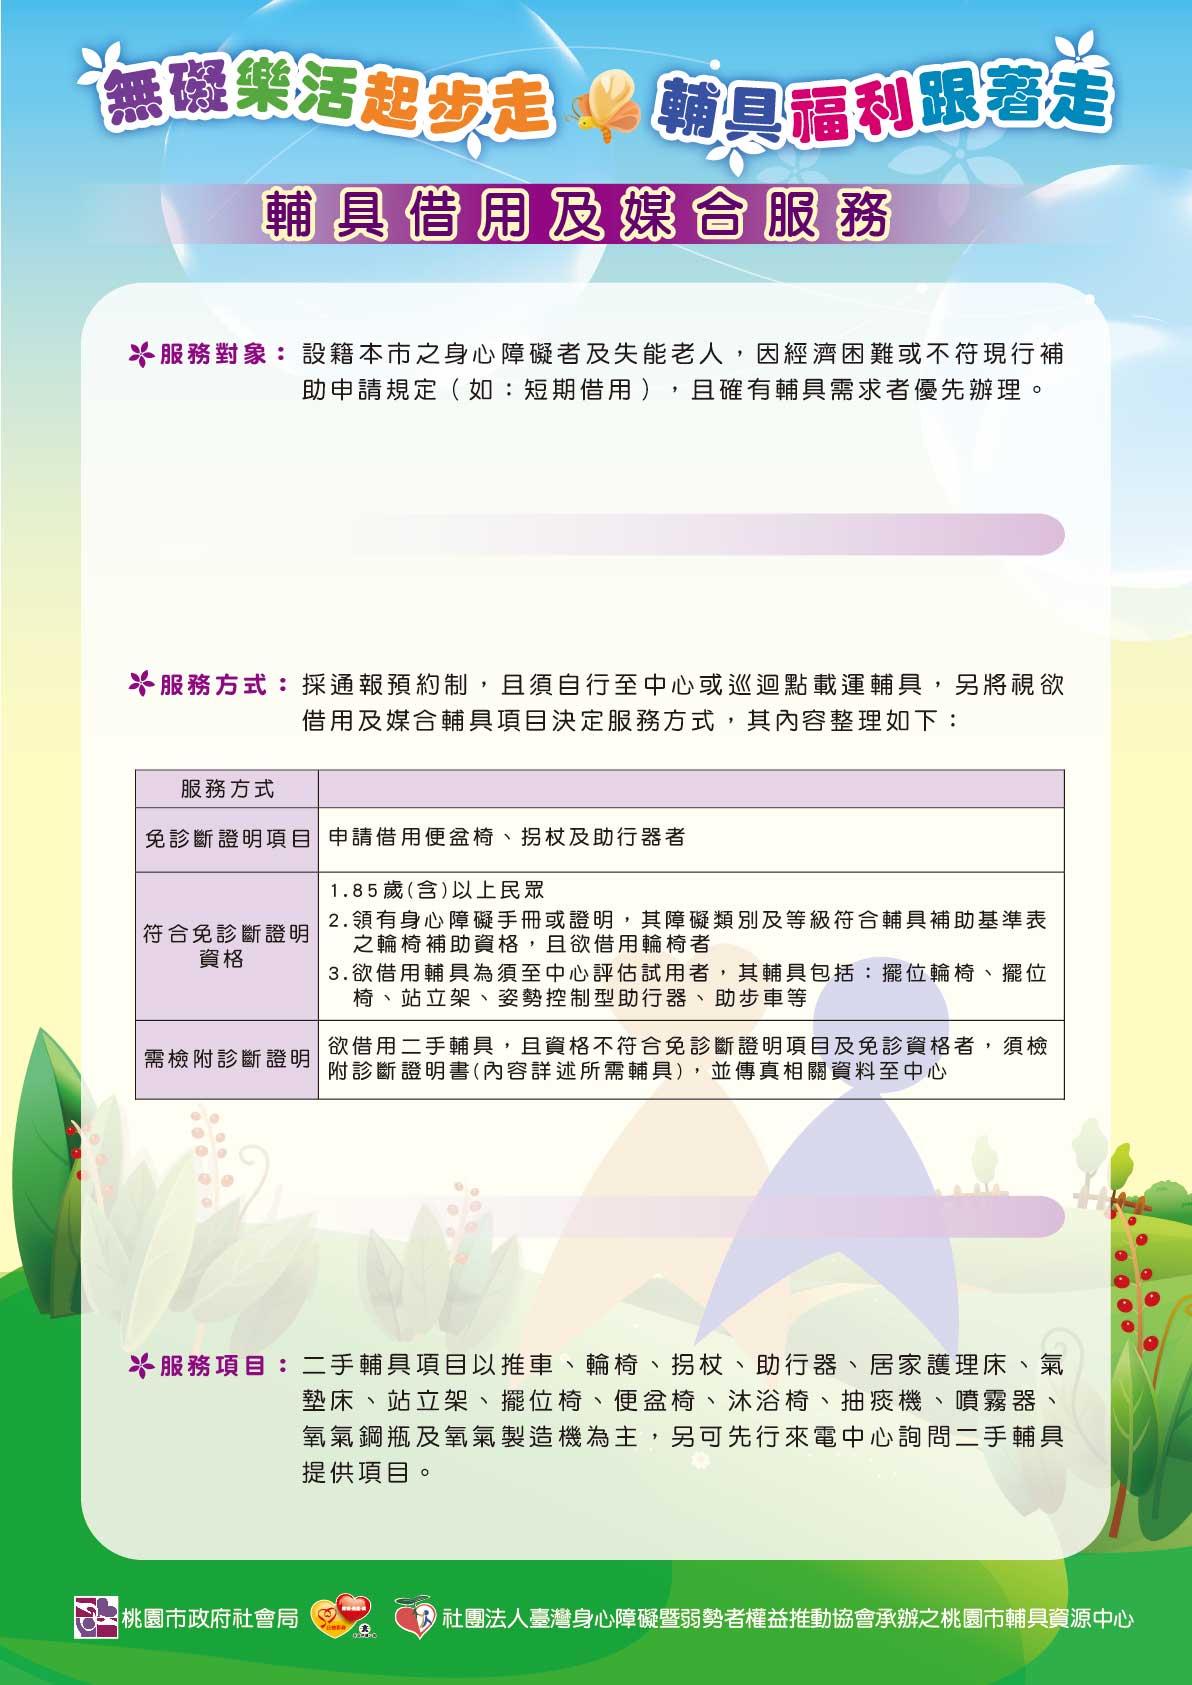 輔具04借用及媒合服務海報-1104-01(OK).jpg